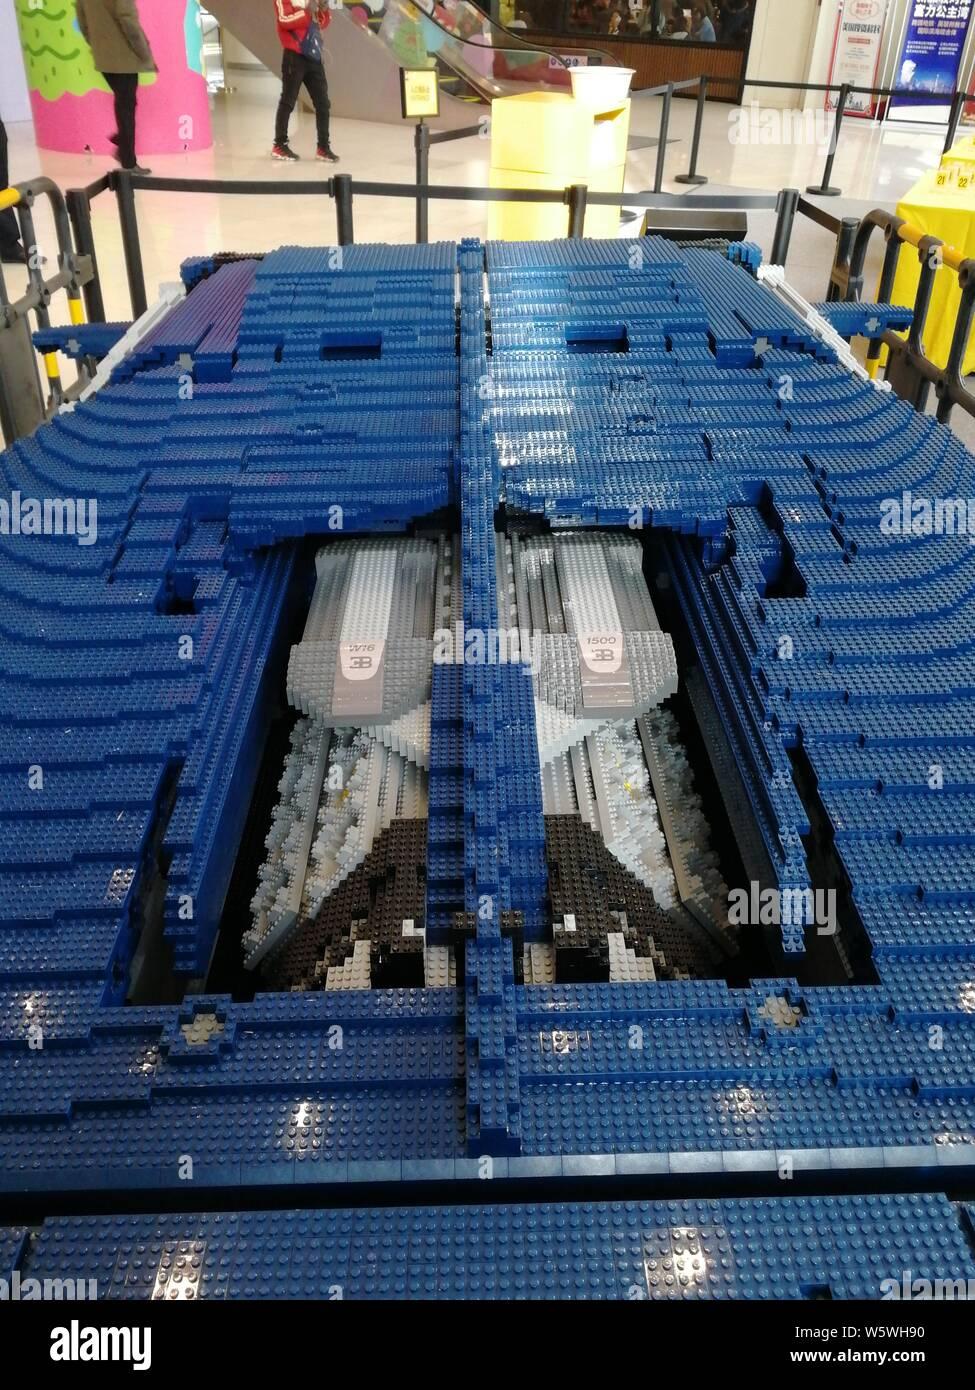 Bugatti Chiron Stock Photos & Bugatti Chiron Stock Images - Page 3